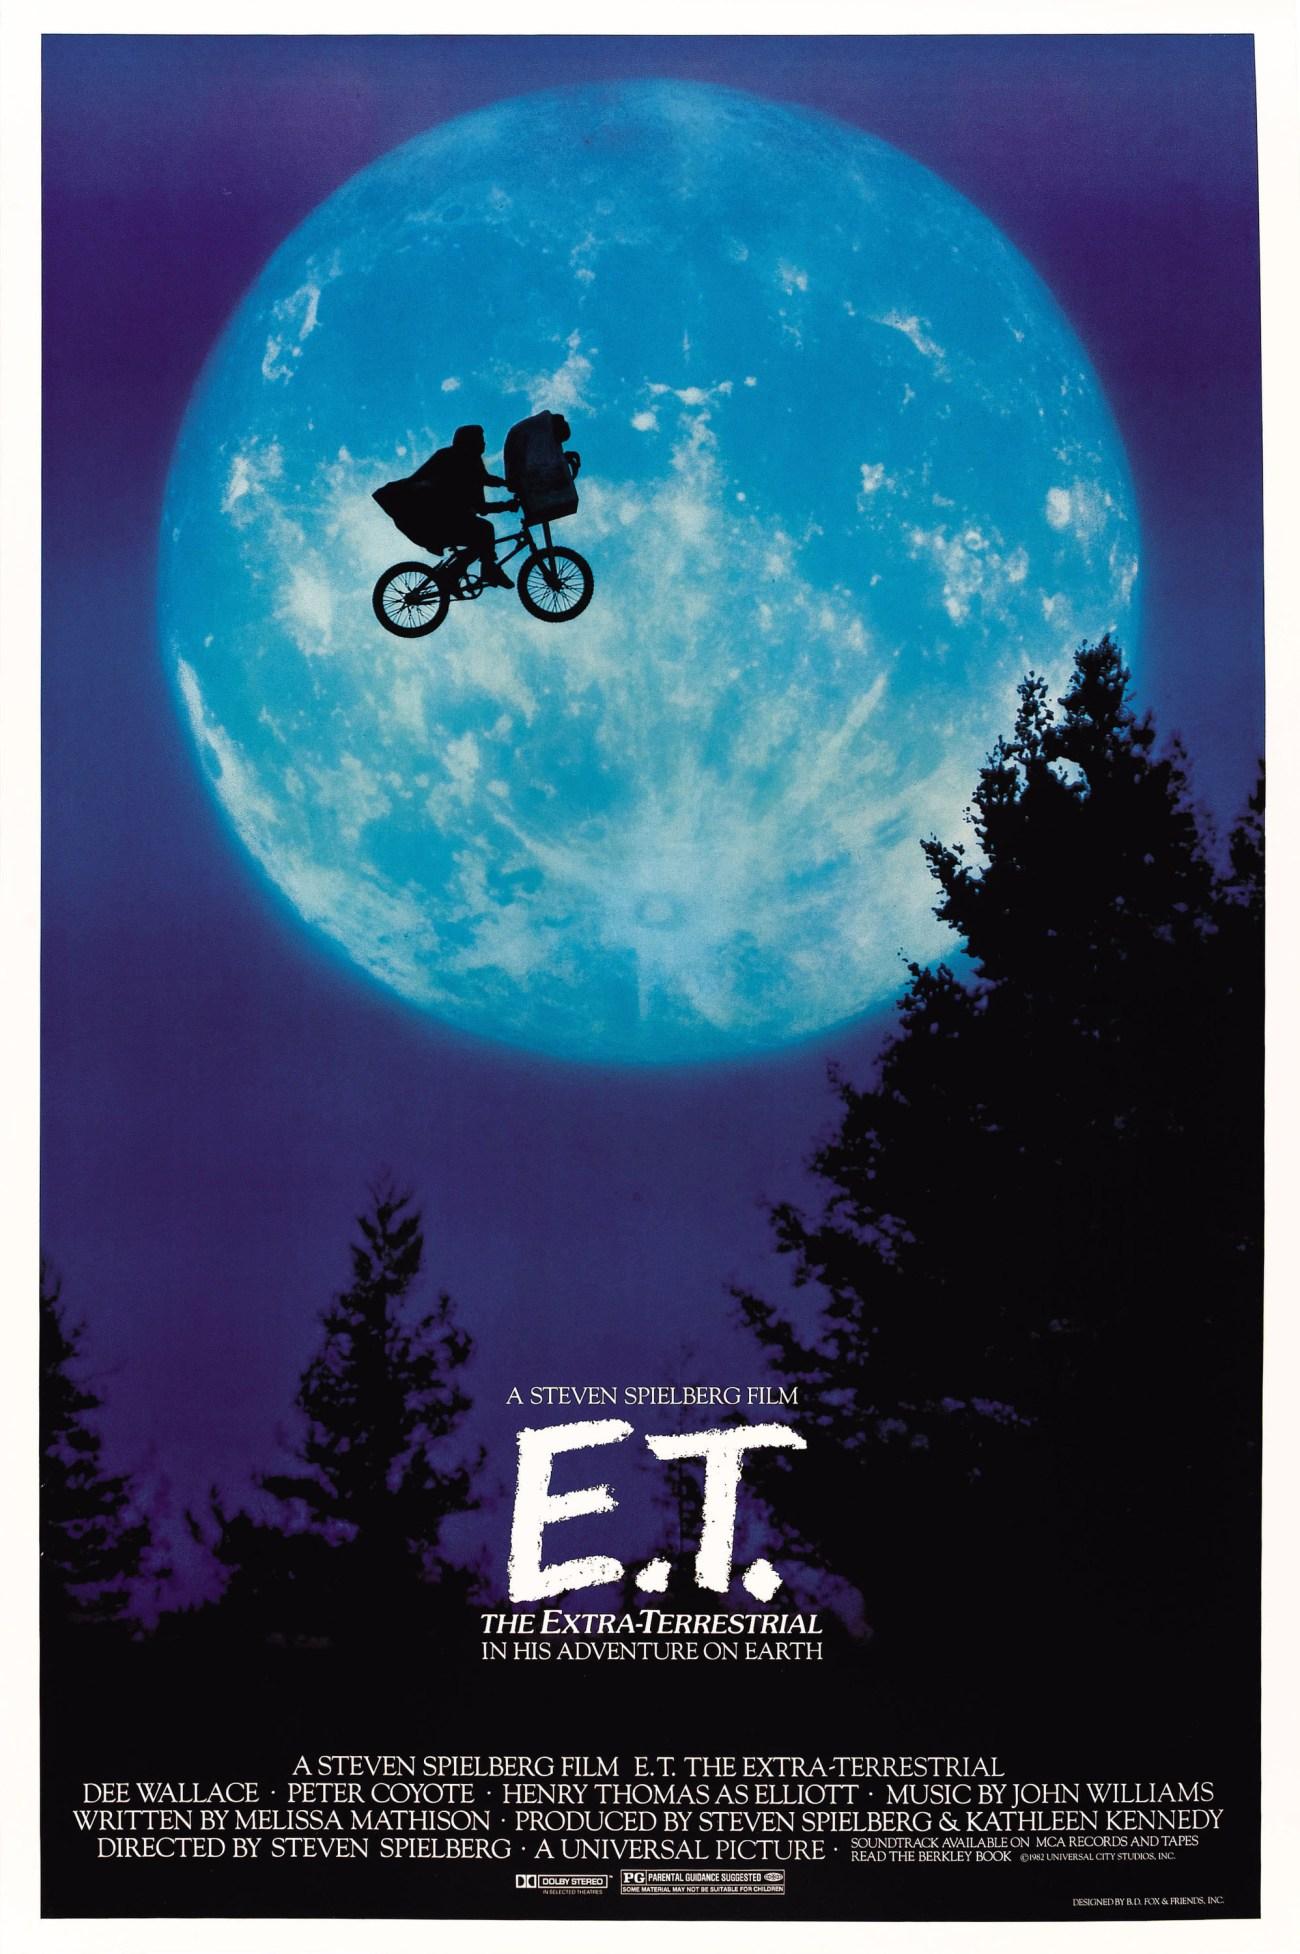 Póster de E.T. the Extra-Terrestrial (1982). Imagen: impawards.com